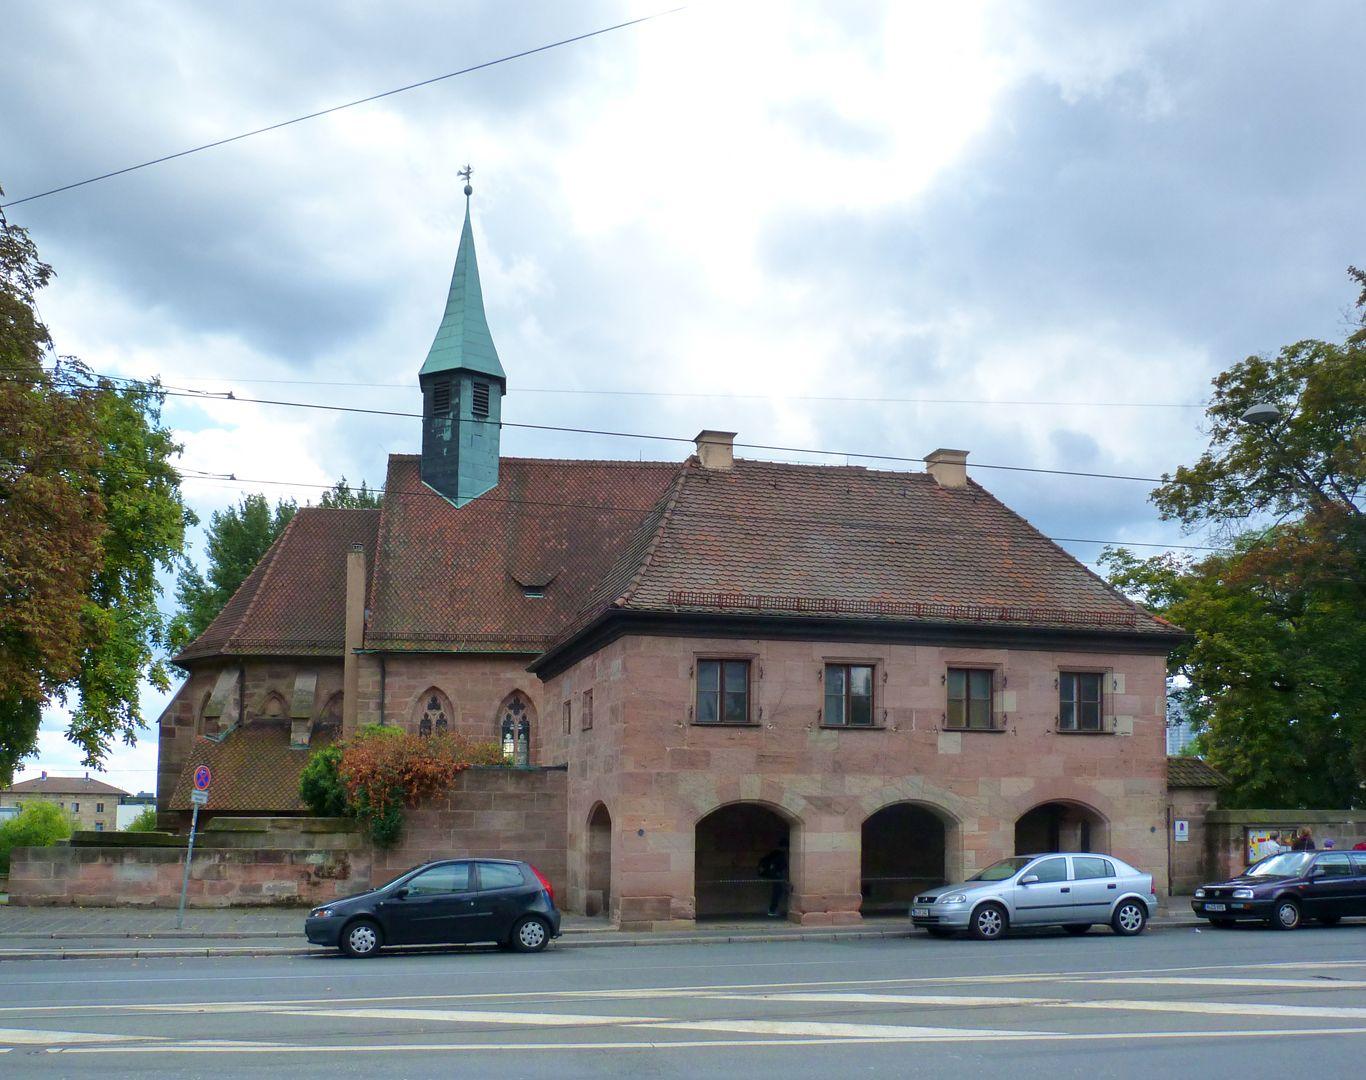 Pförtnerhaus des Friedhofs St. Jobst Kirche und Pförtnerhaus von der Straße aus.